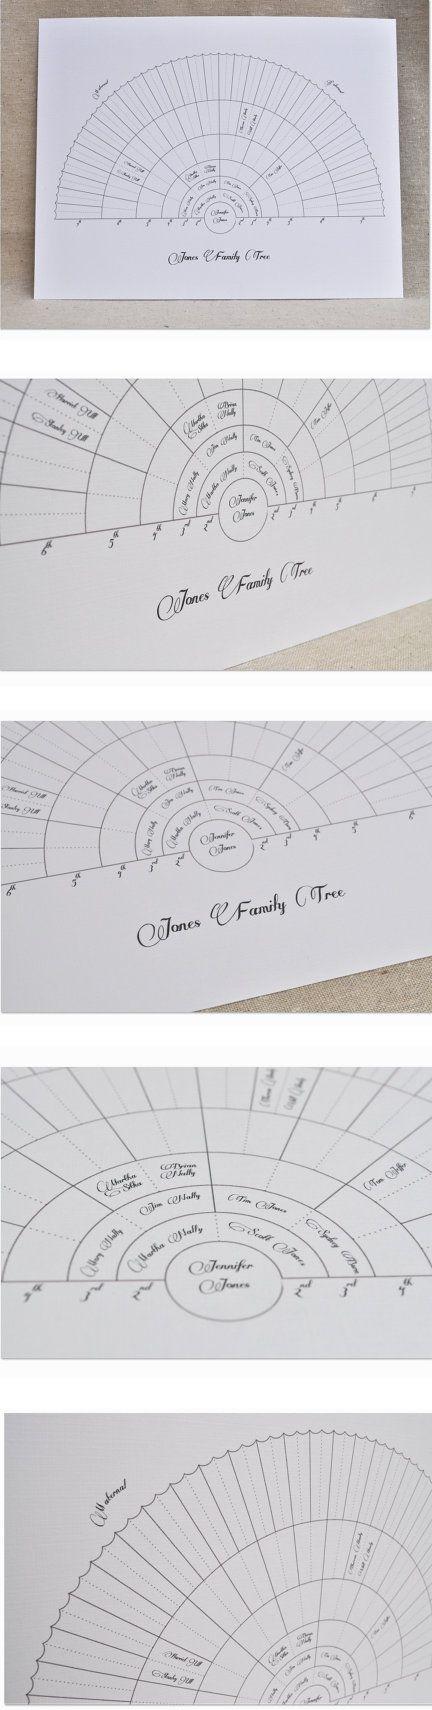 CUSTOMIZED Family Tree Illustration, Fan Family Tree Chart. Generational Chart, Vintage Family Tree, Geneology Chart. $45.00, via Etsy.